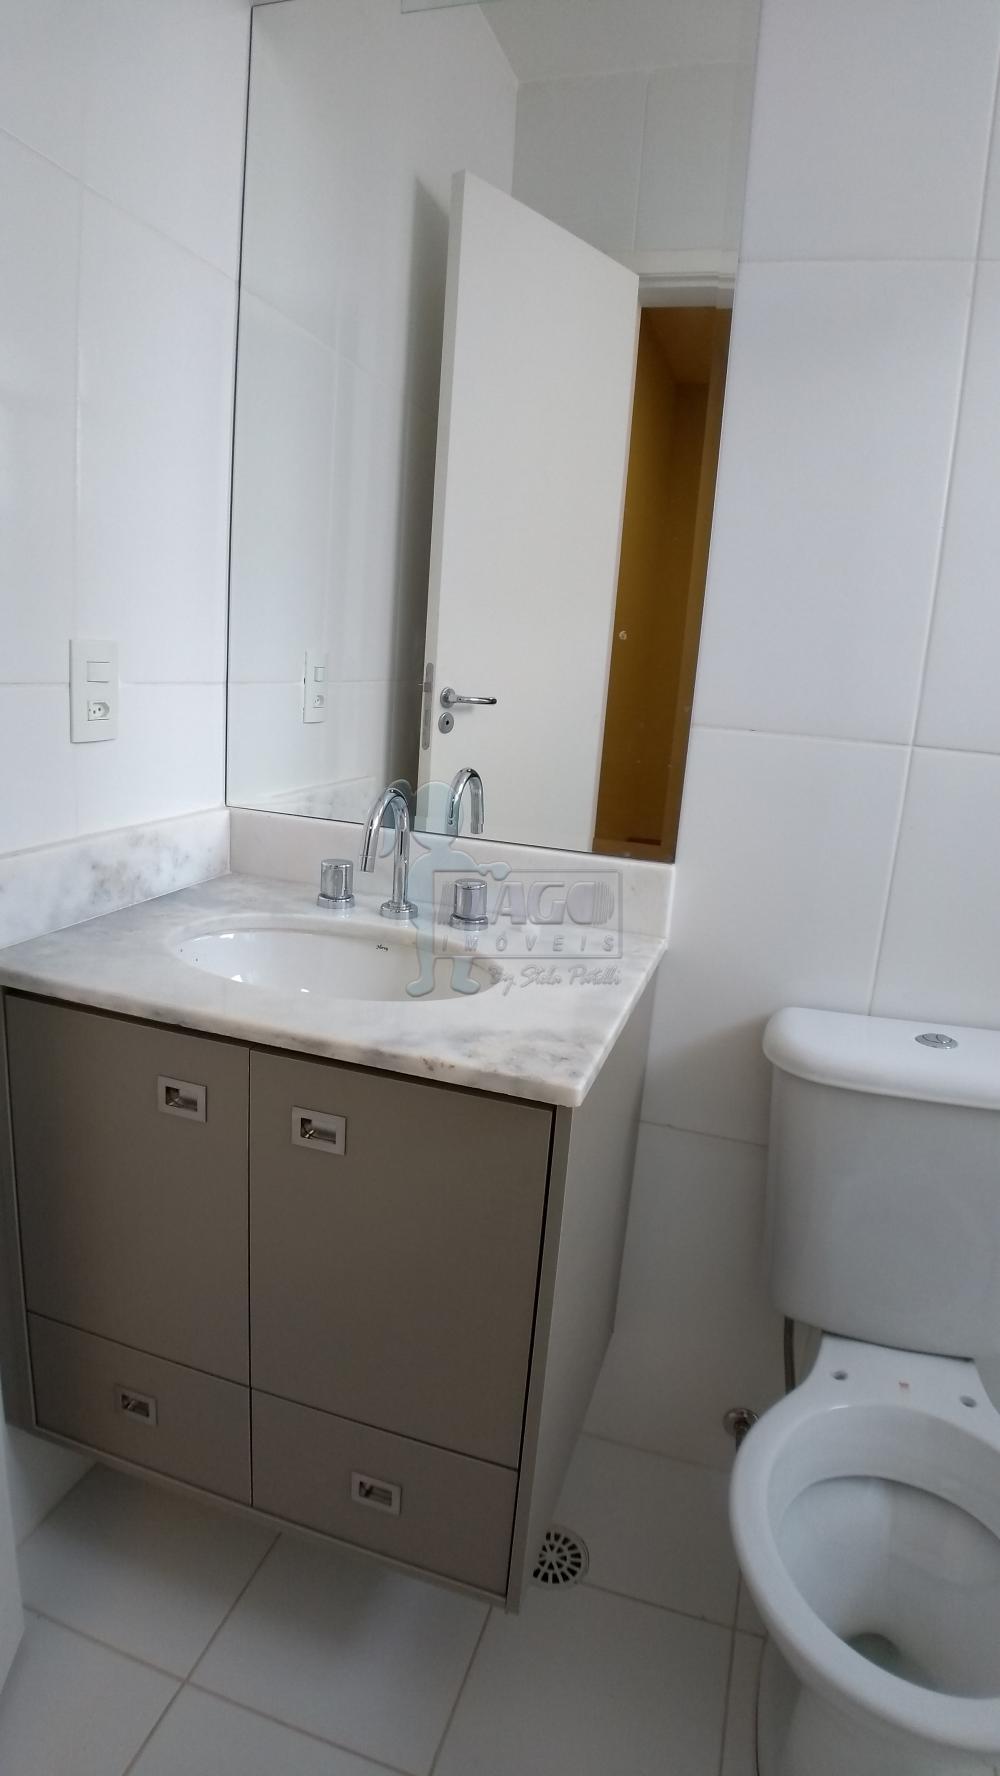 Comprar Casas / Sobrado em Ribeirão Preto apenas R$ 740.000,00 - Foto 23